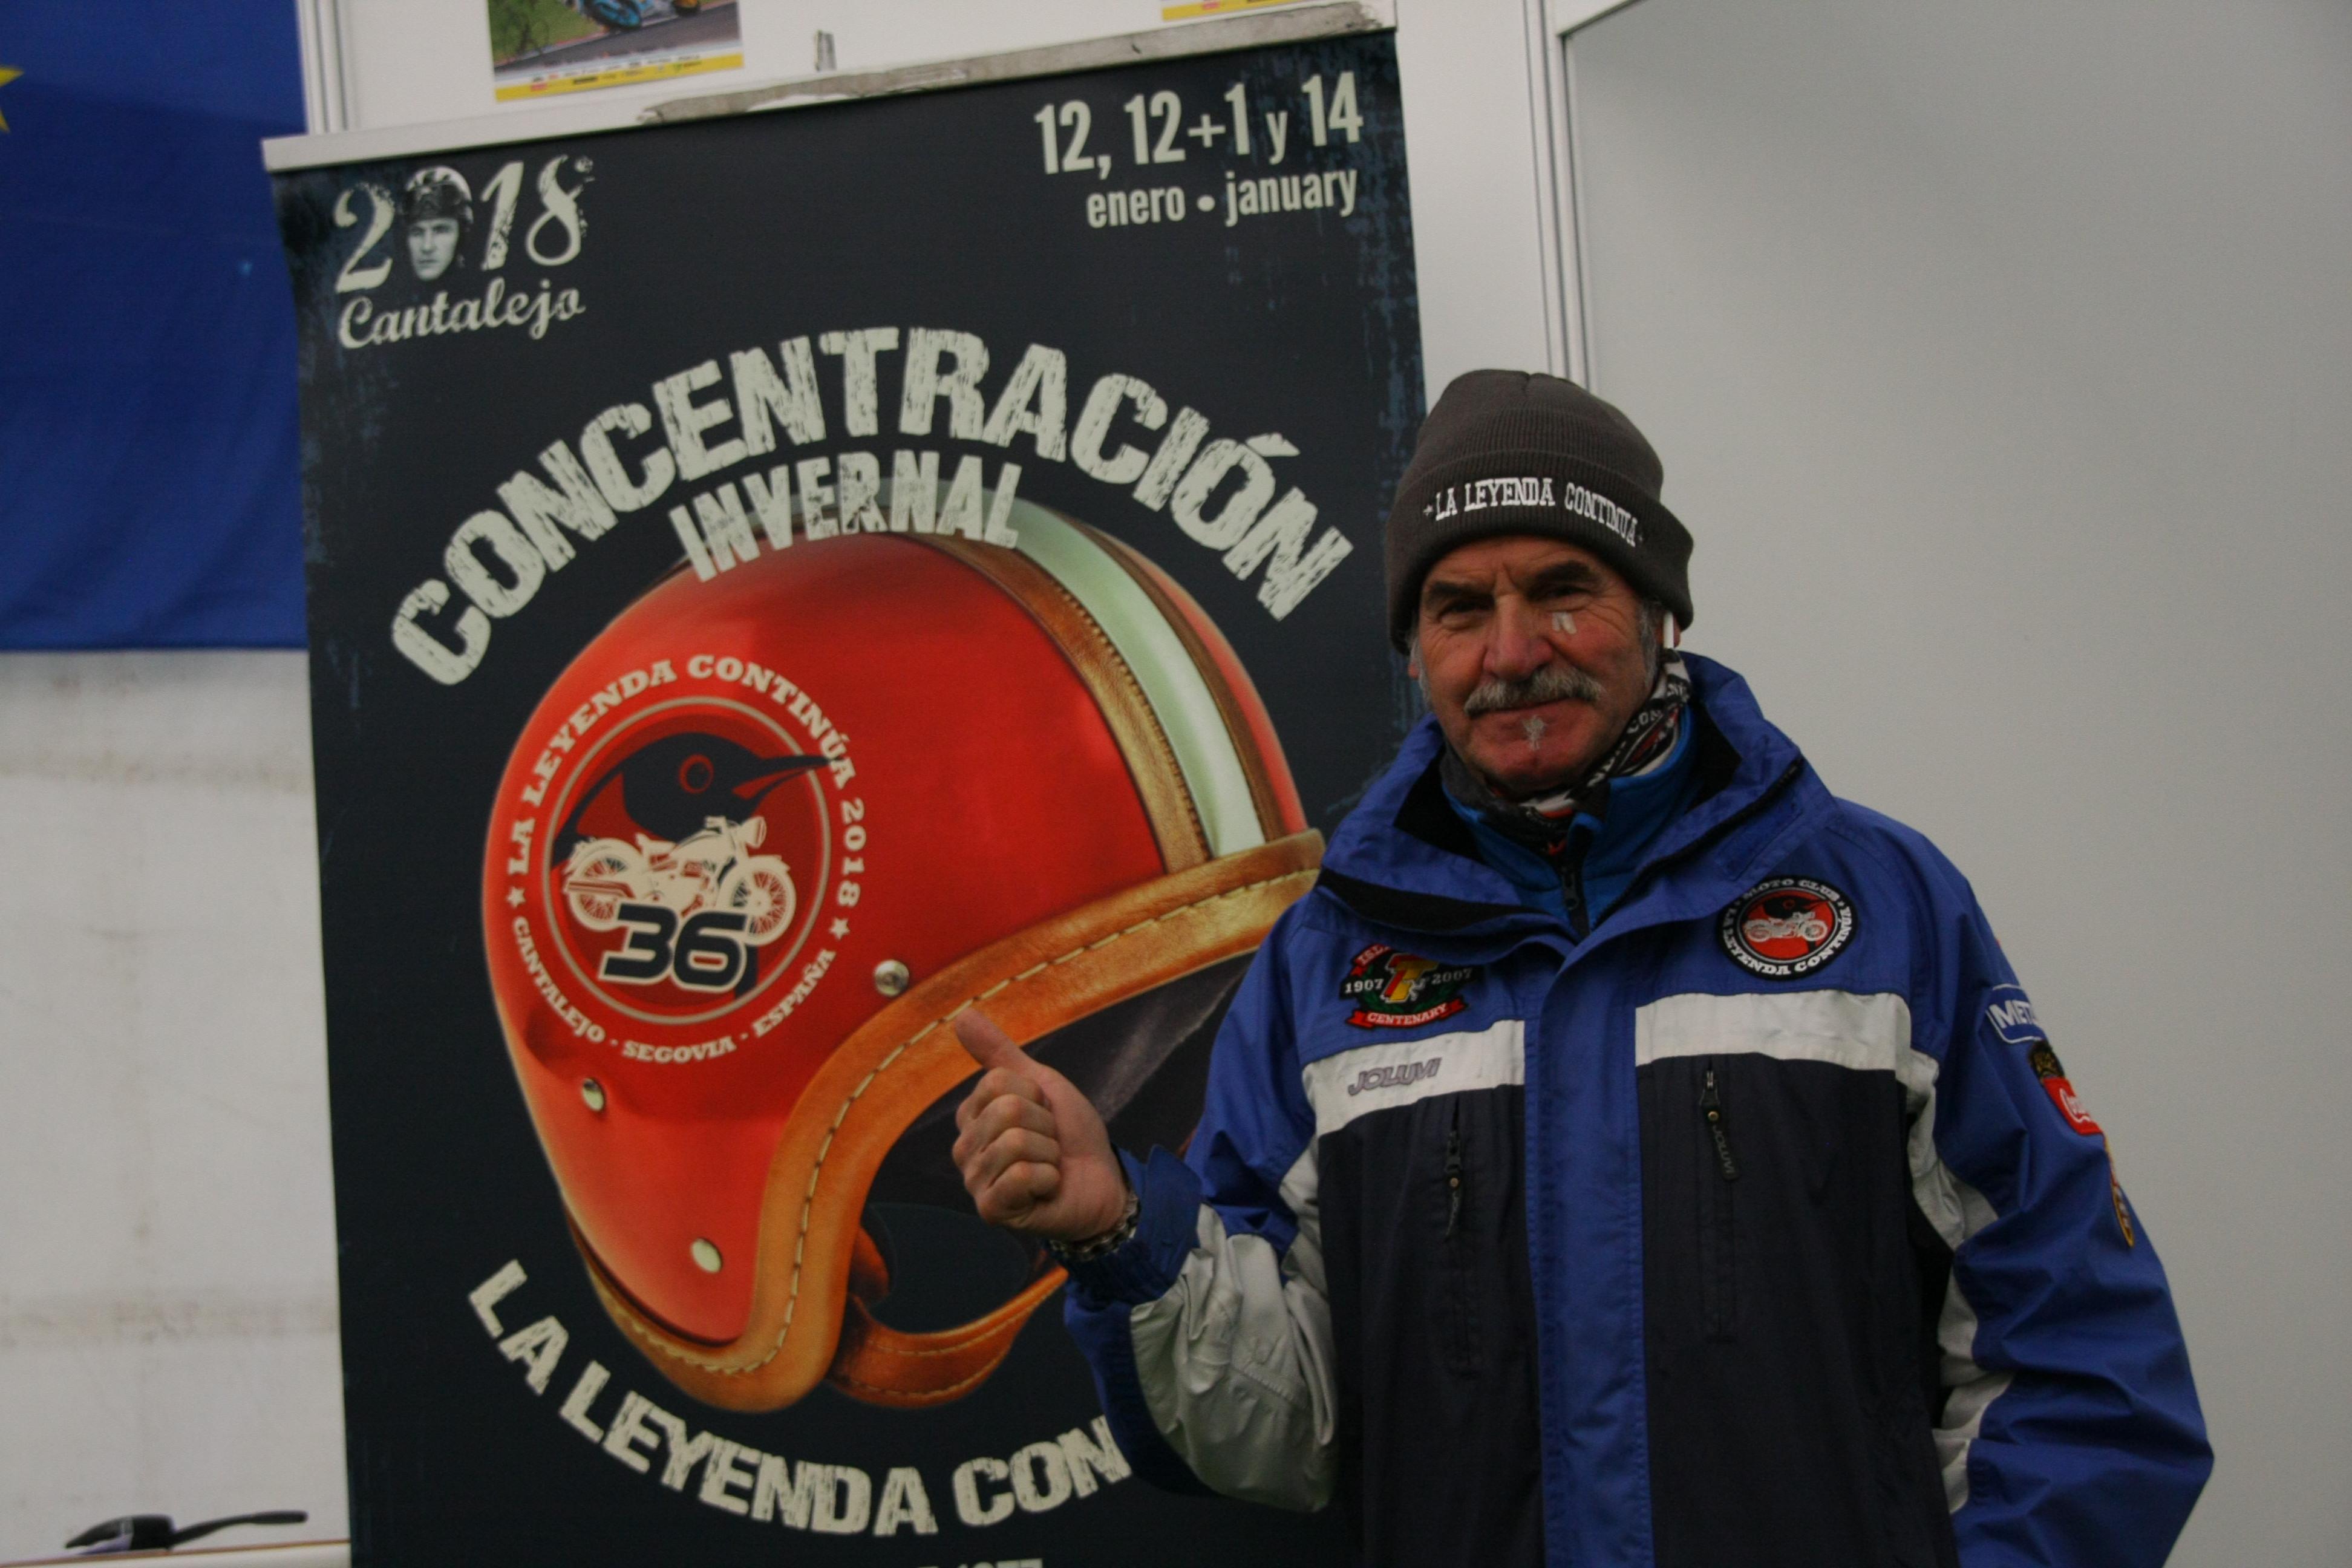 Concentración La Leyenda 2018 MotorADN (21)